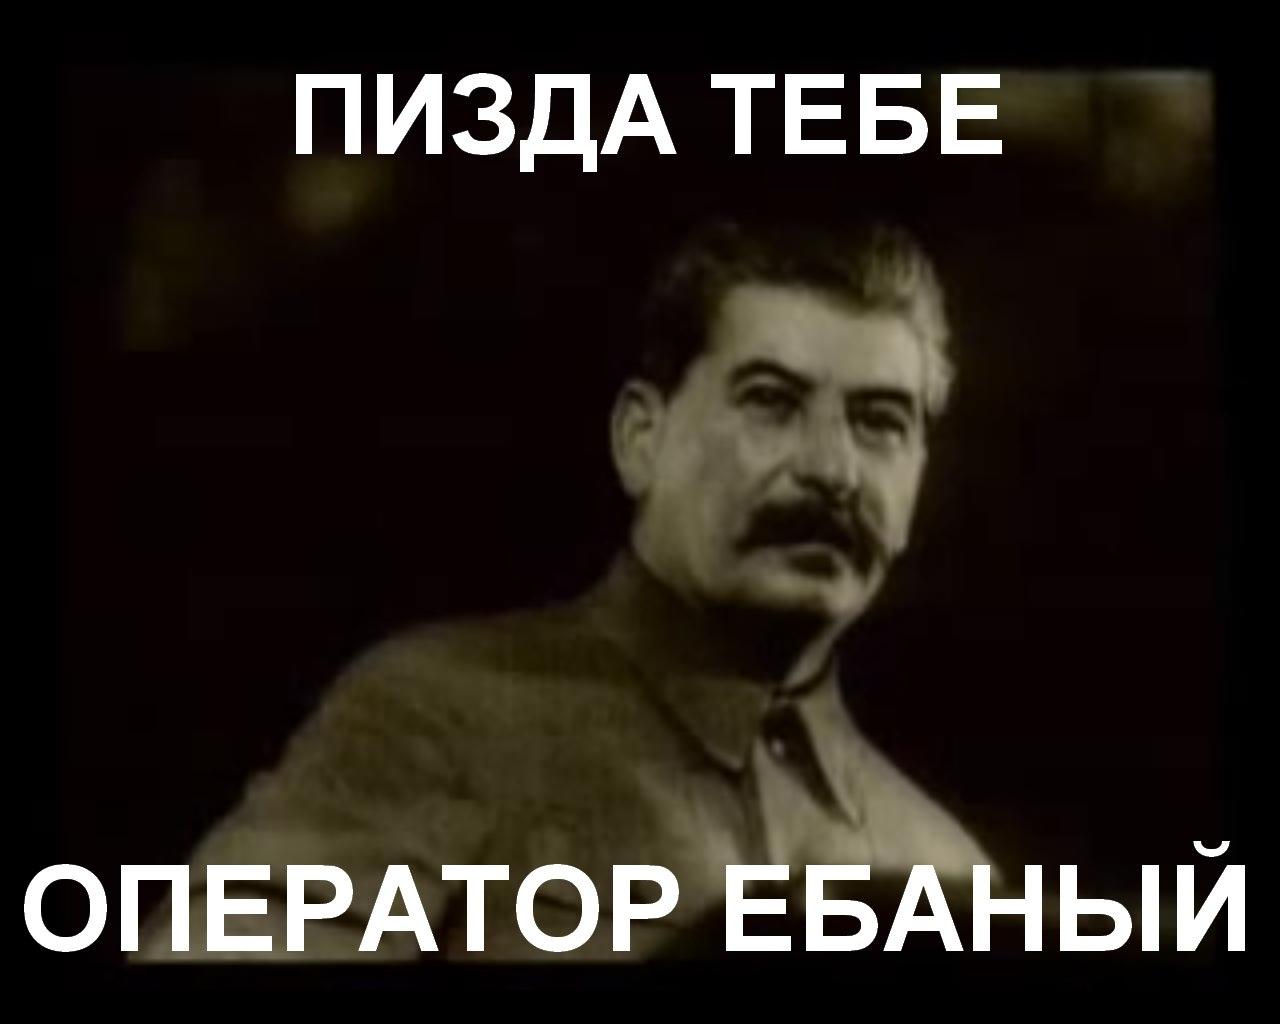 Сталин с нами виде 8 фотография